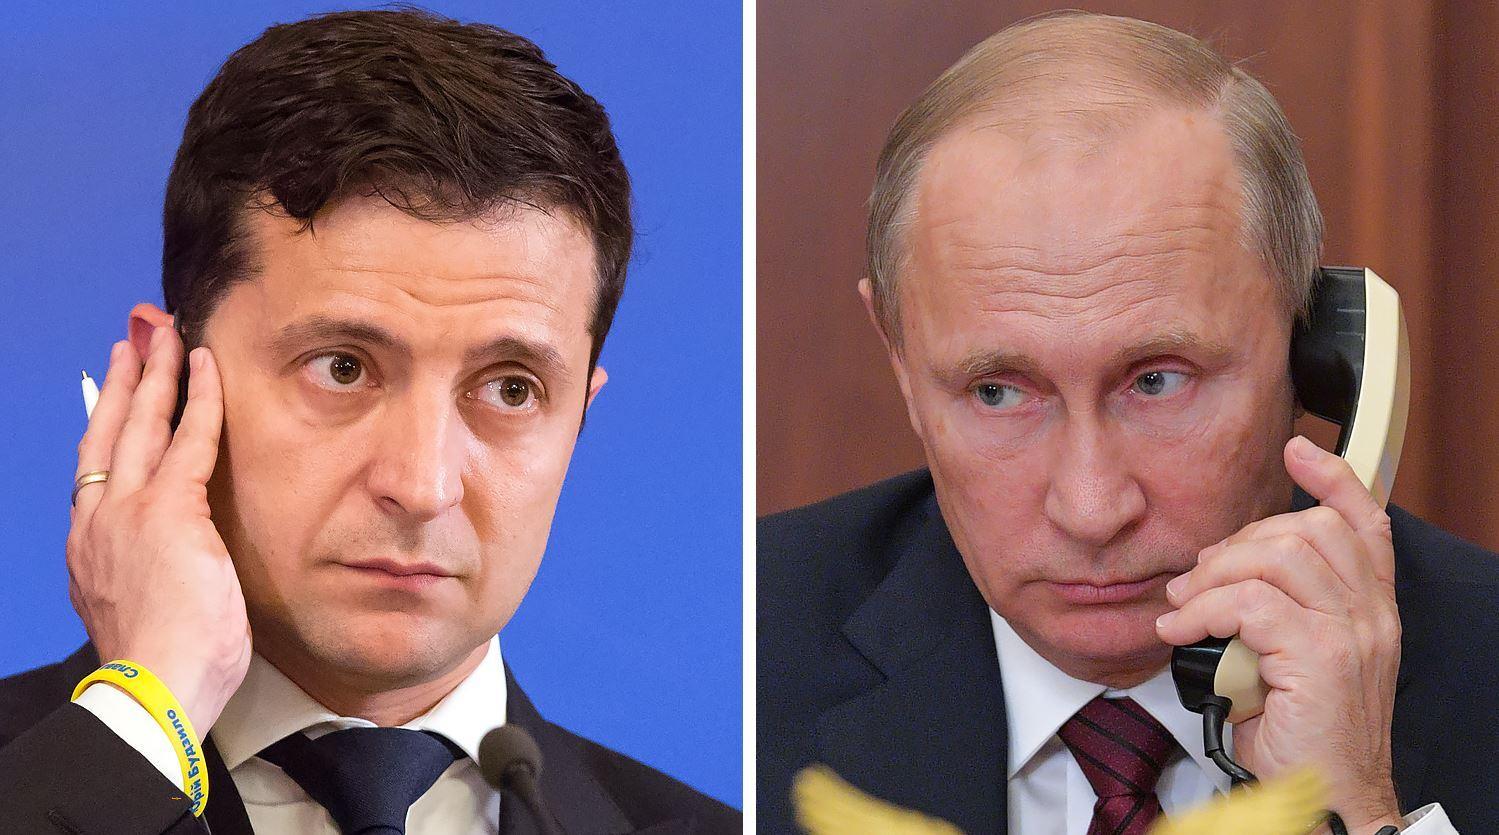 بوتين وزيلينسكي يبحثان هاتفيا إعادة السفن الأوكرانية المحتجزة وتوريدات الغاز